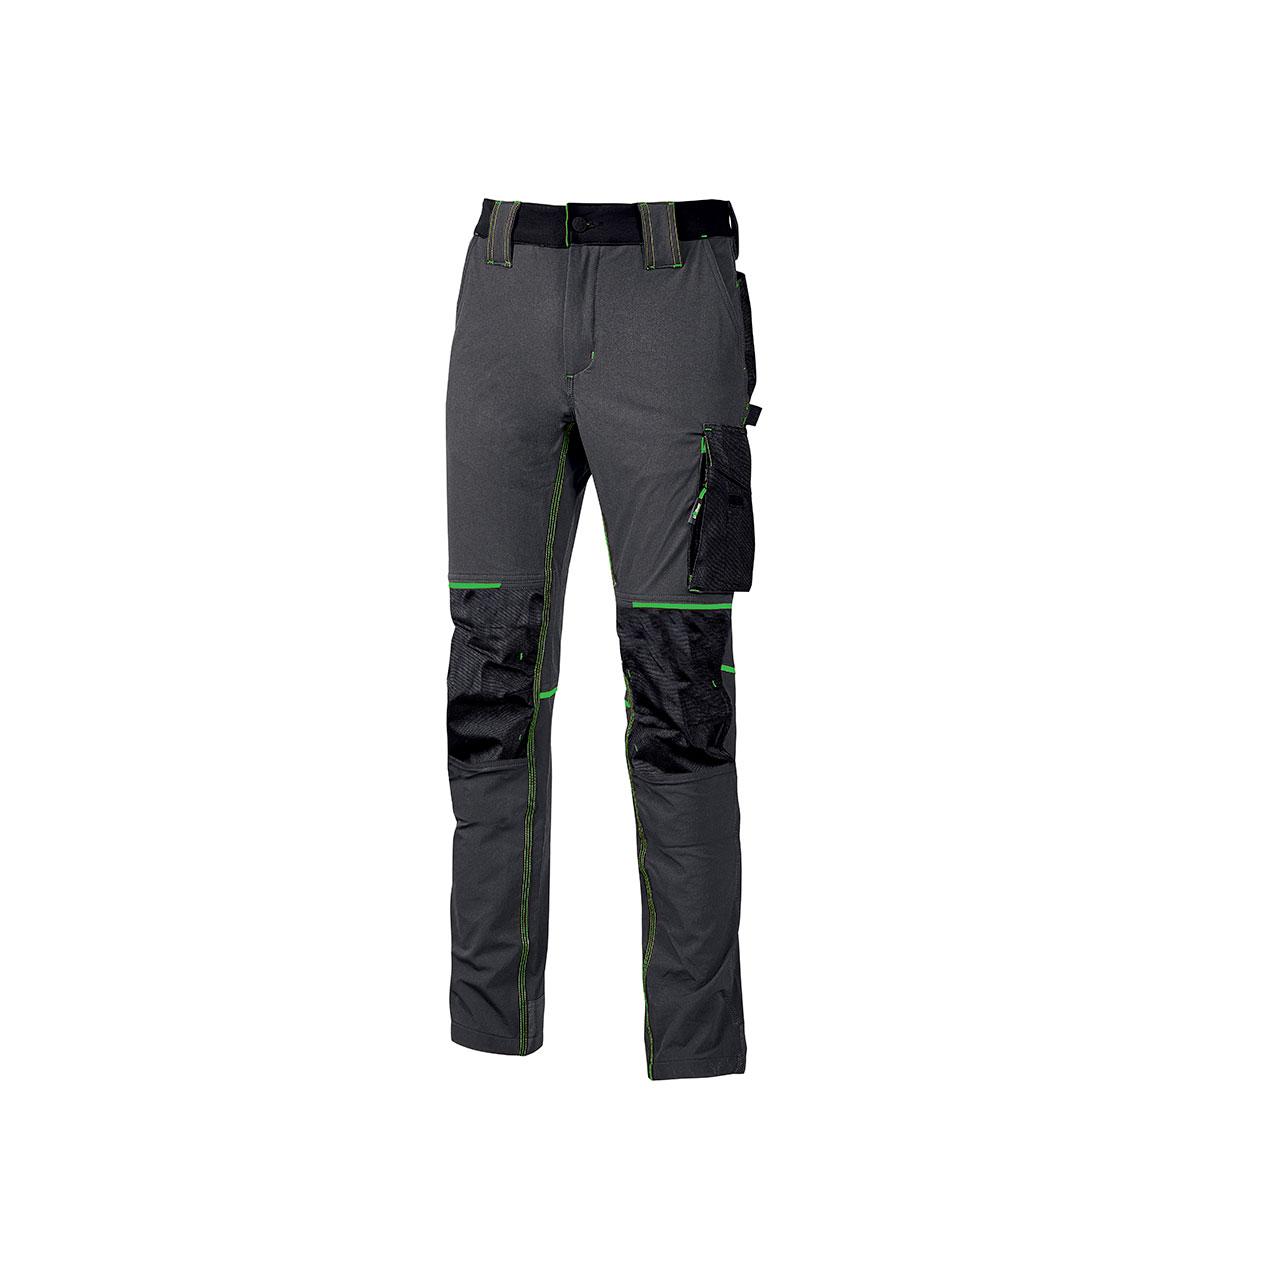 pantalone da lavoro upower modello atom colore asphalt grey green prodotto